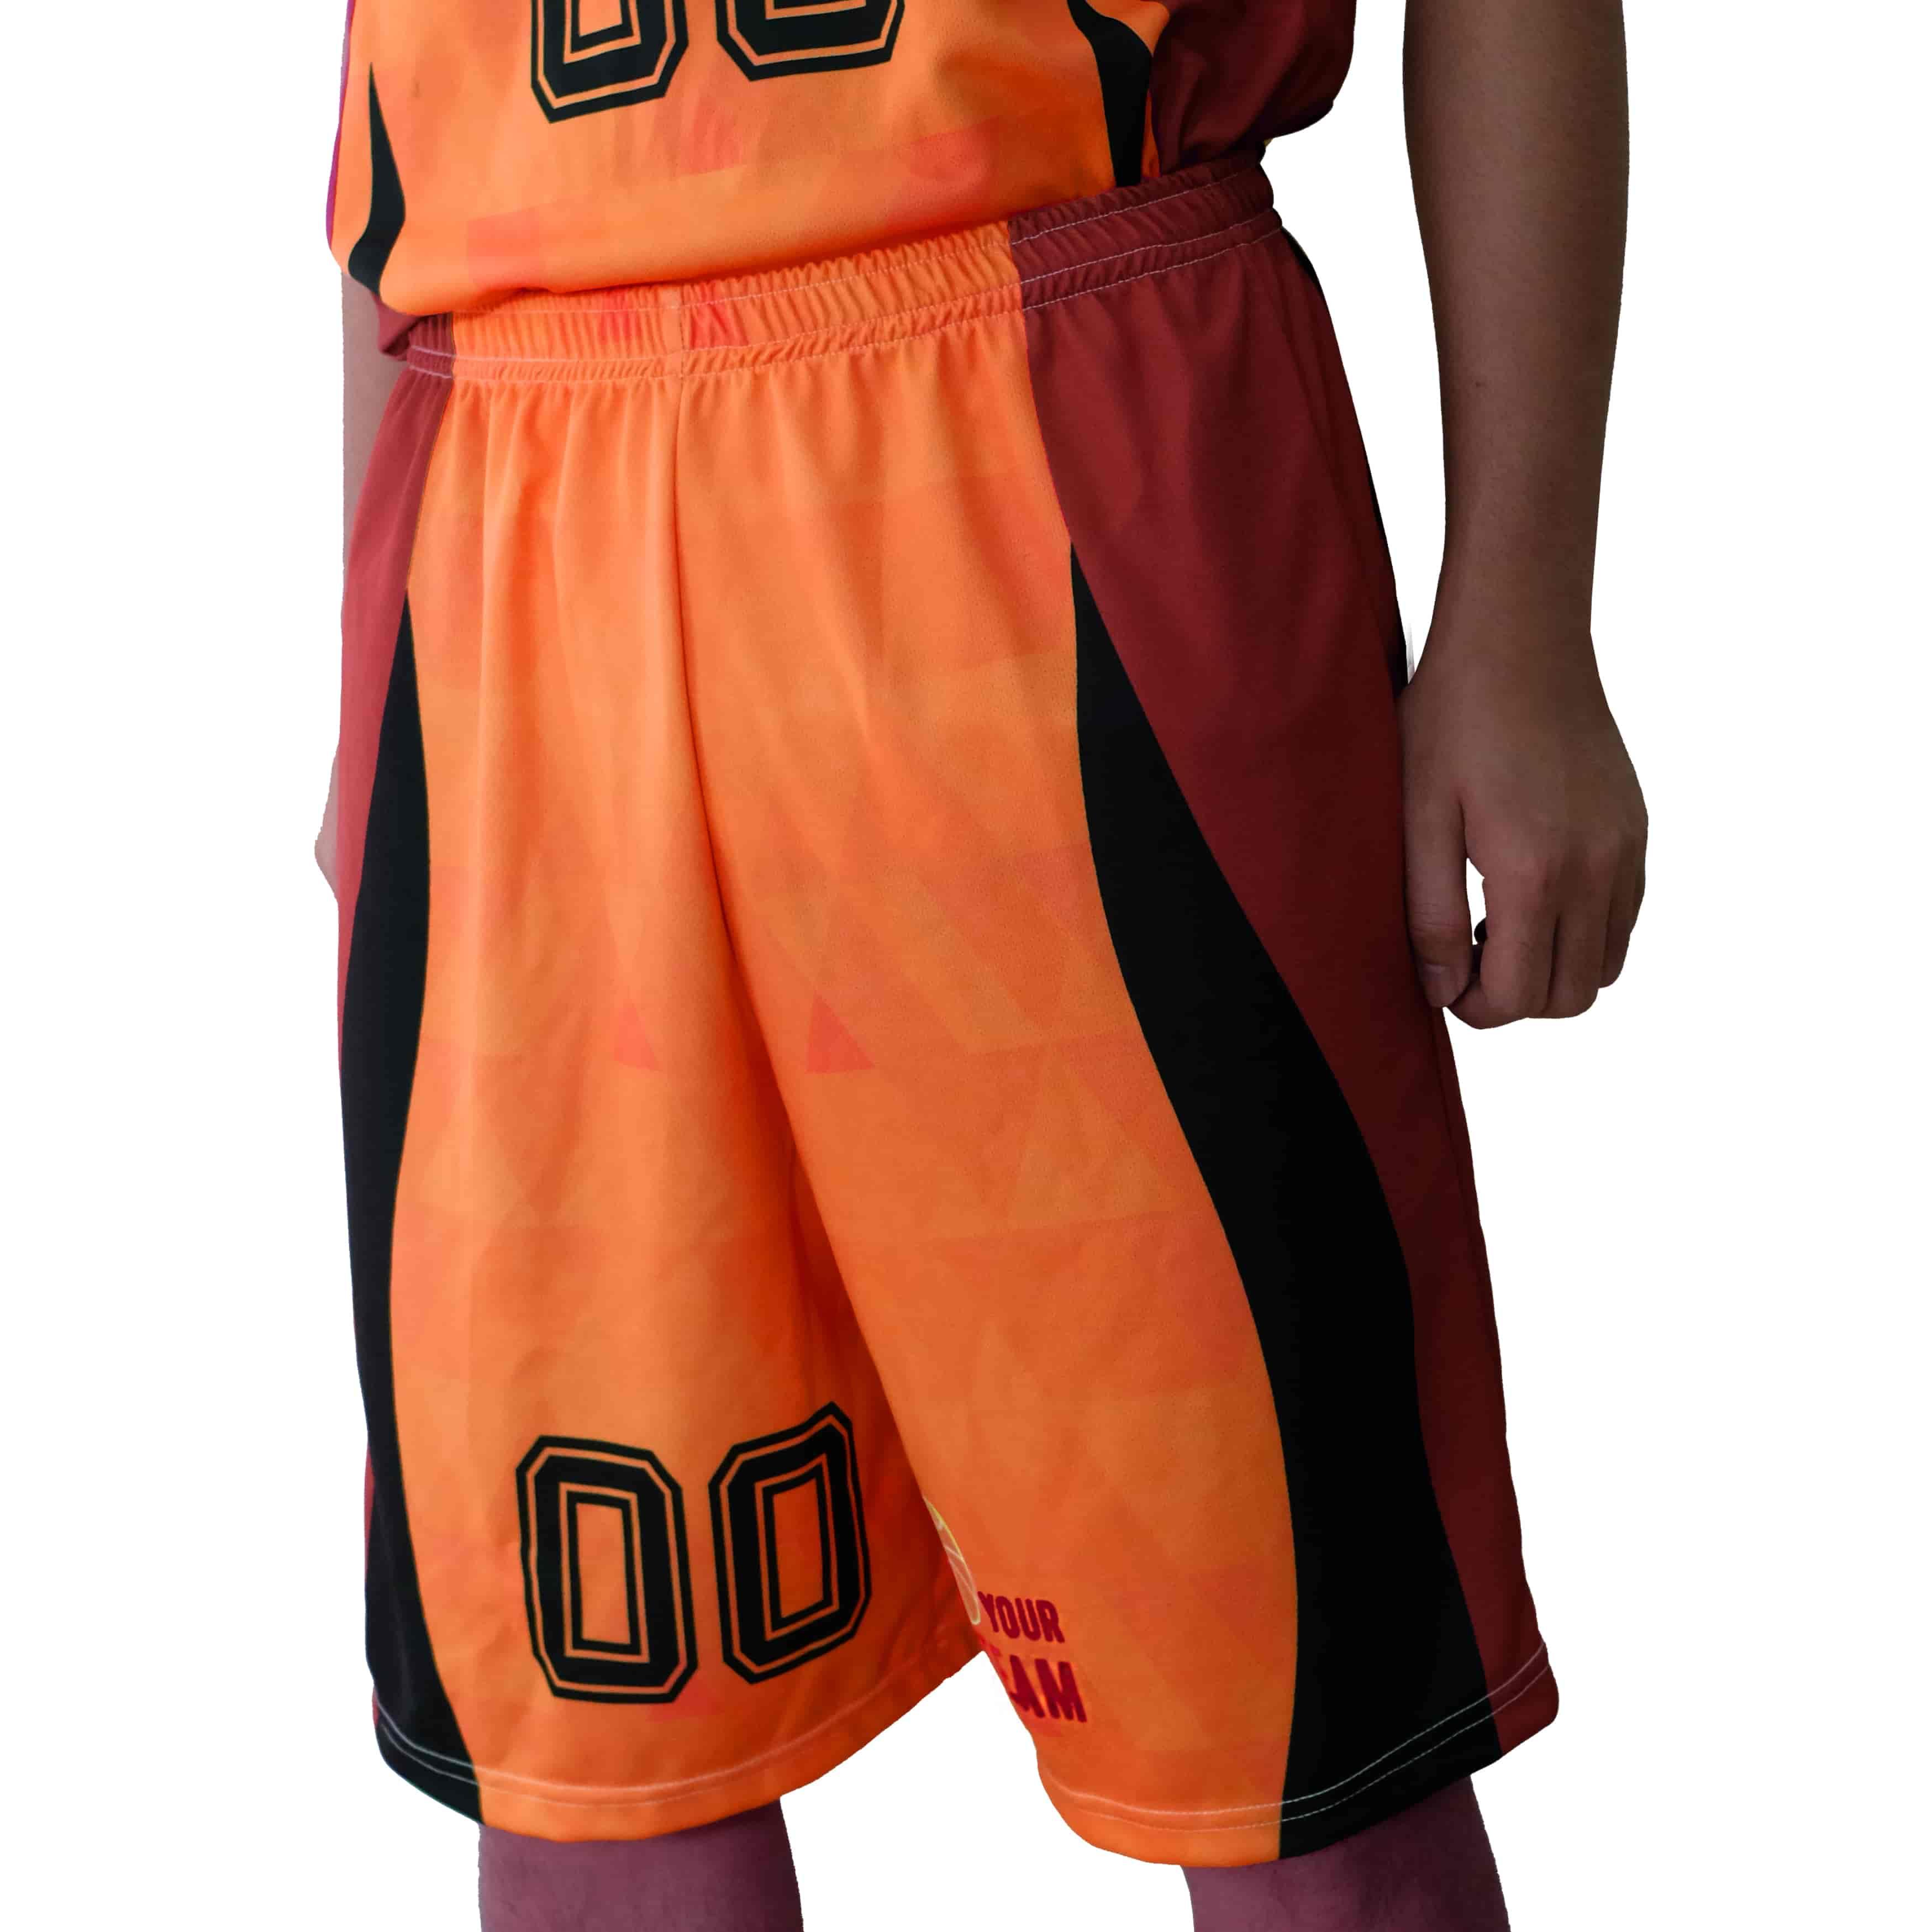 bikin baju basket 4